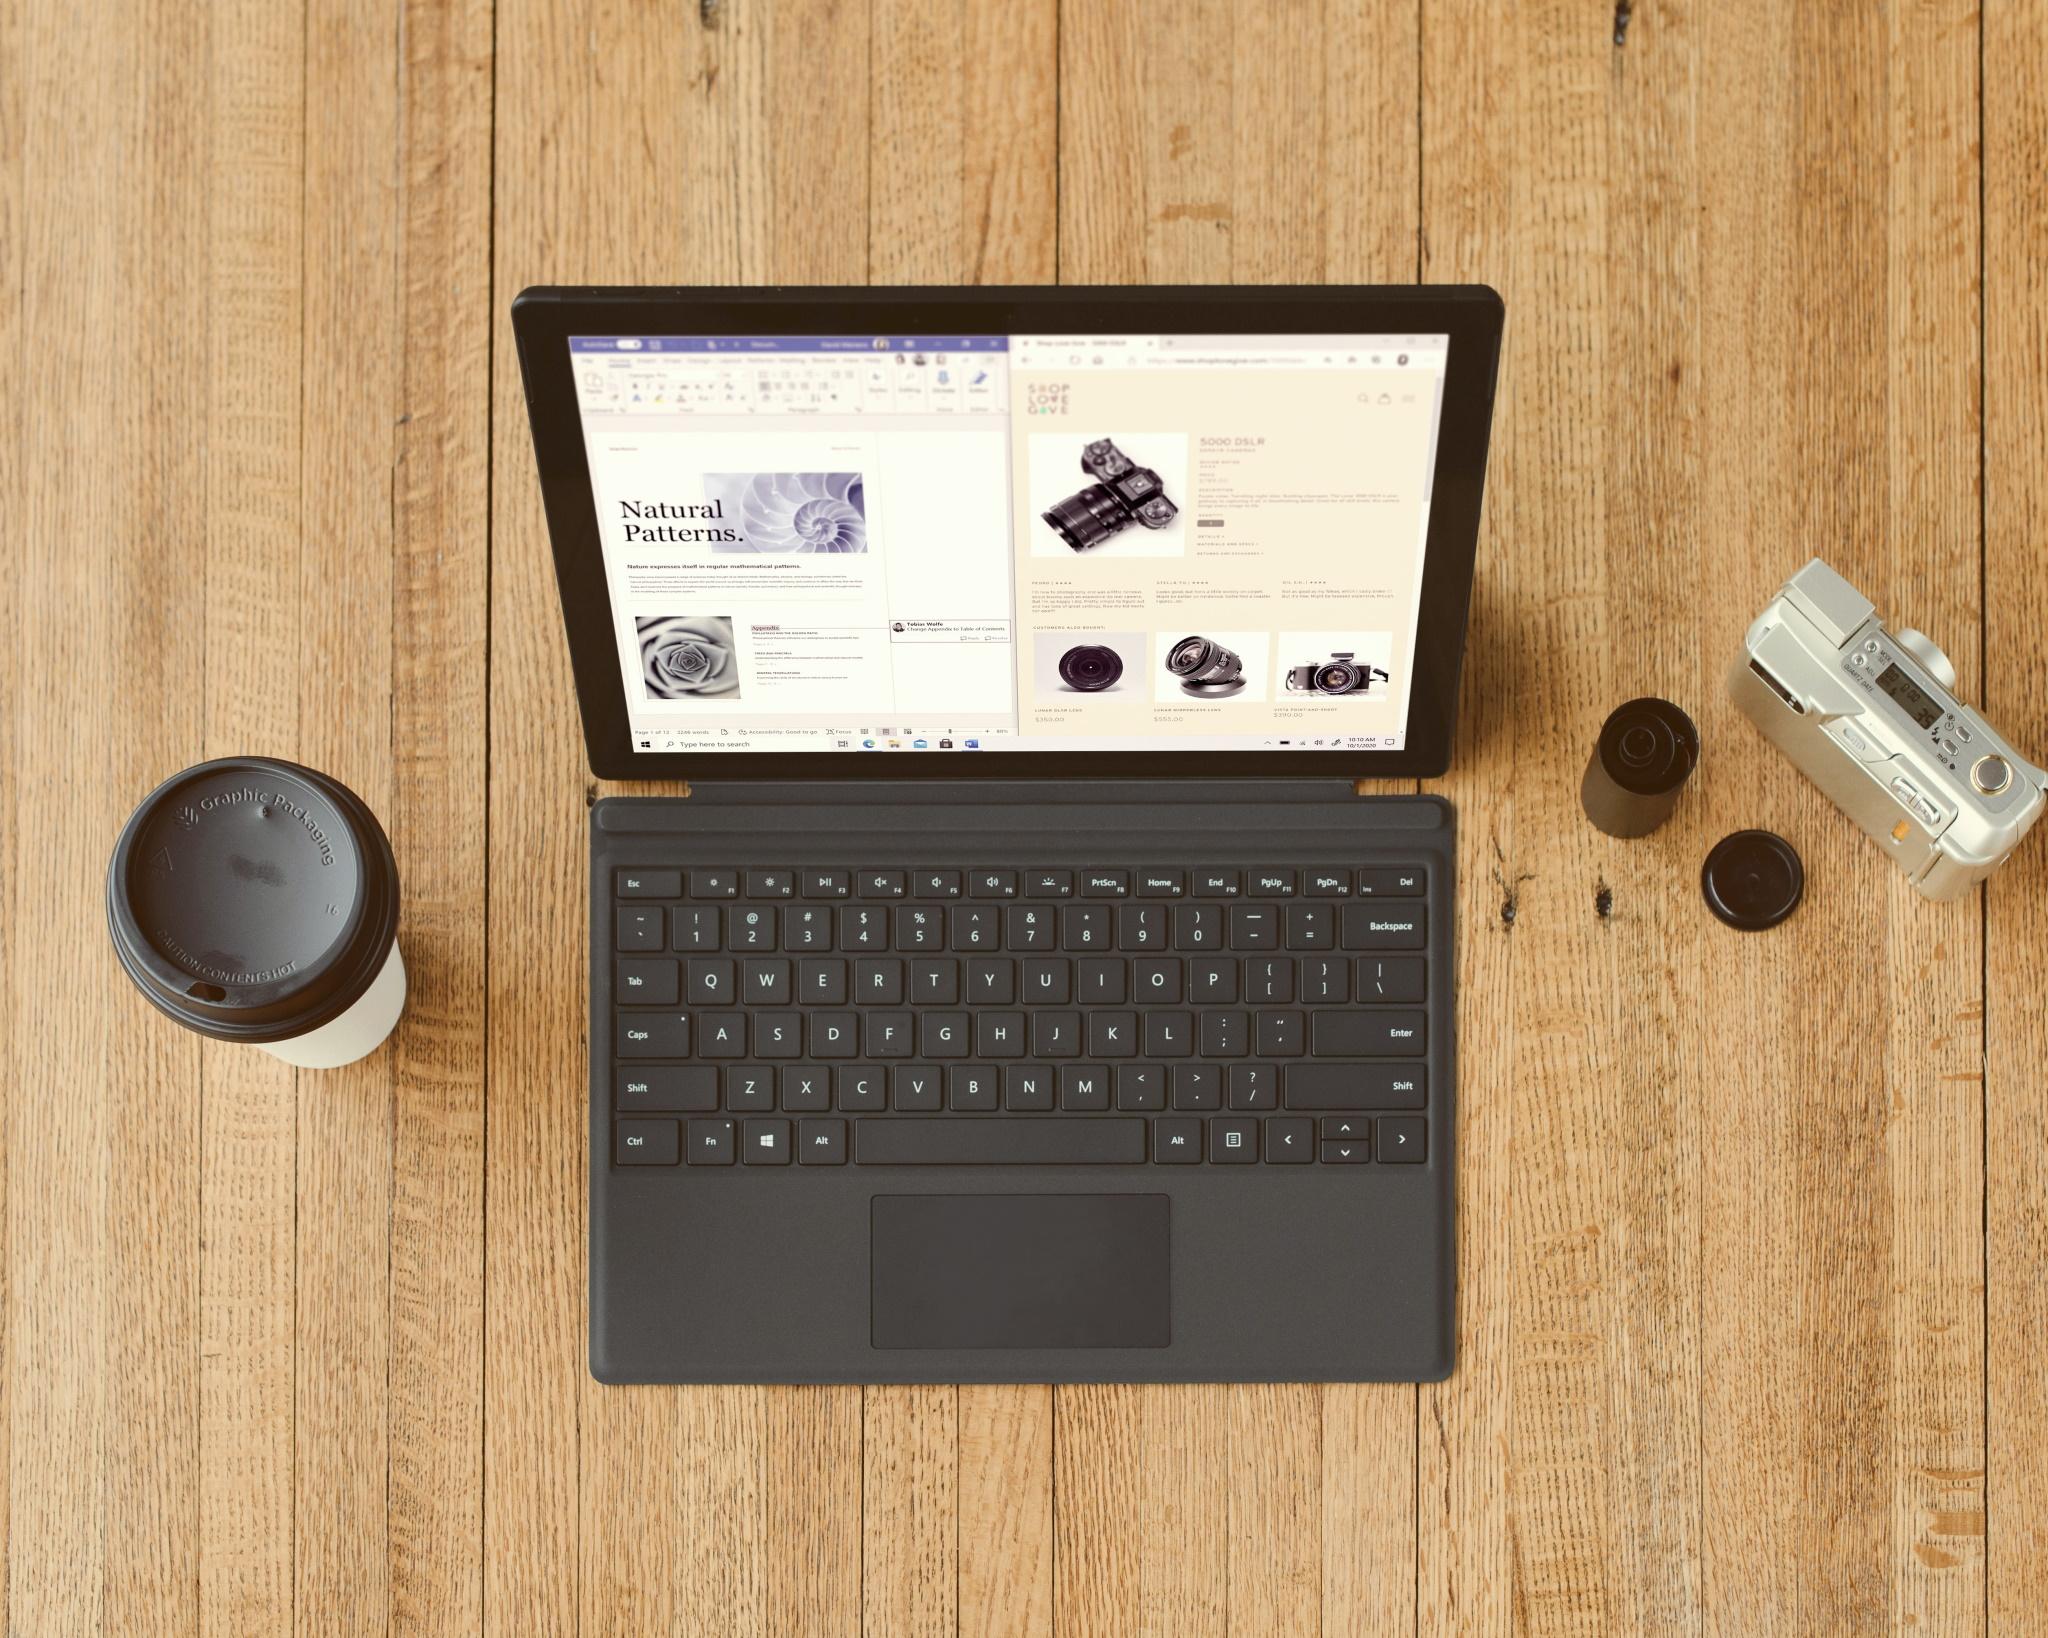 notebook surface -lLvmxx_nnVY-unsplash